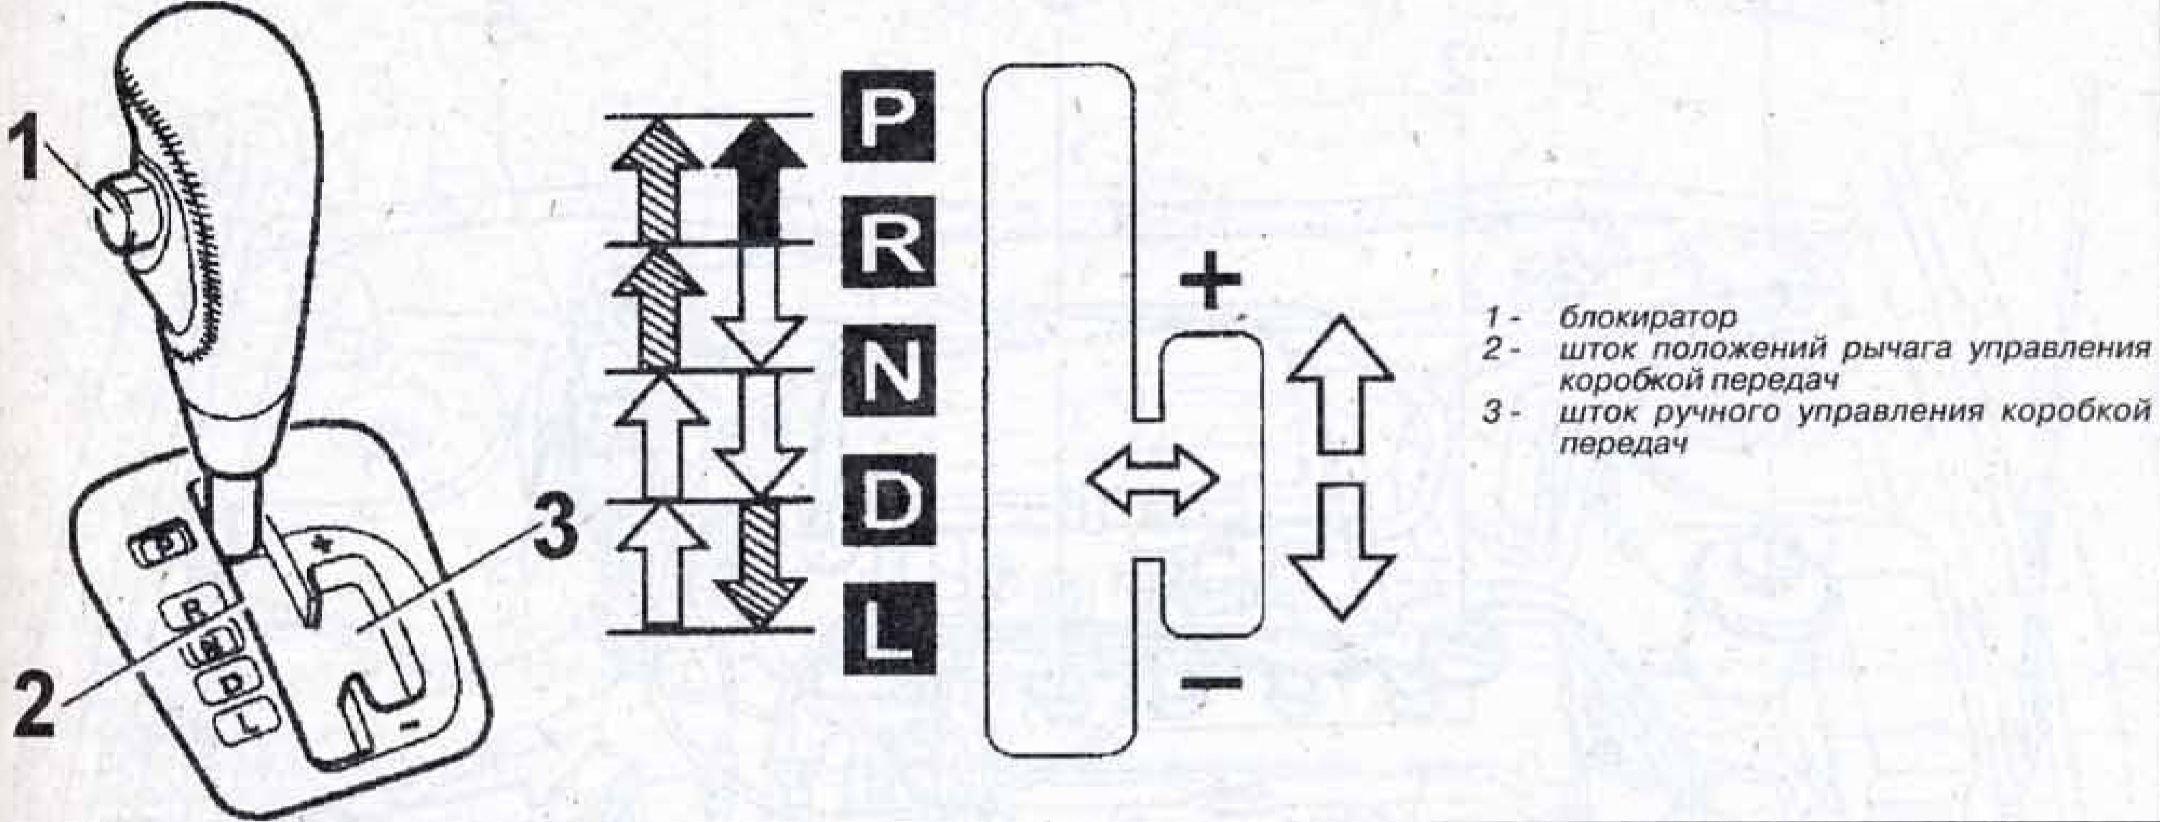 Коробка передач 5 букв